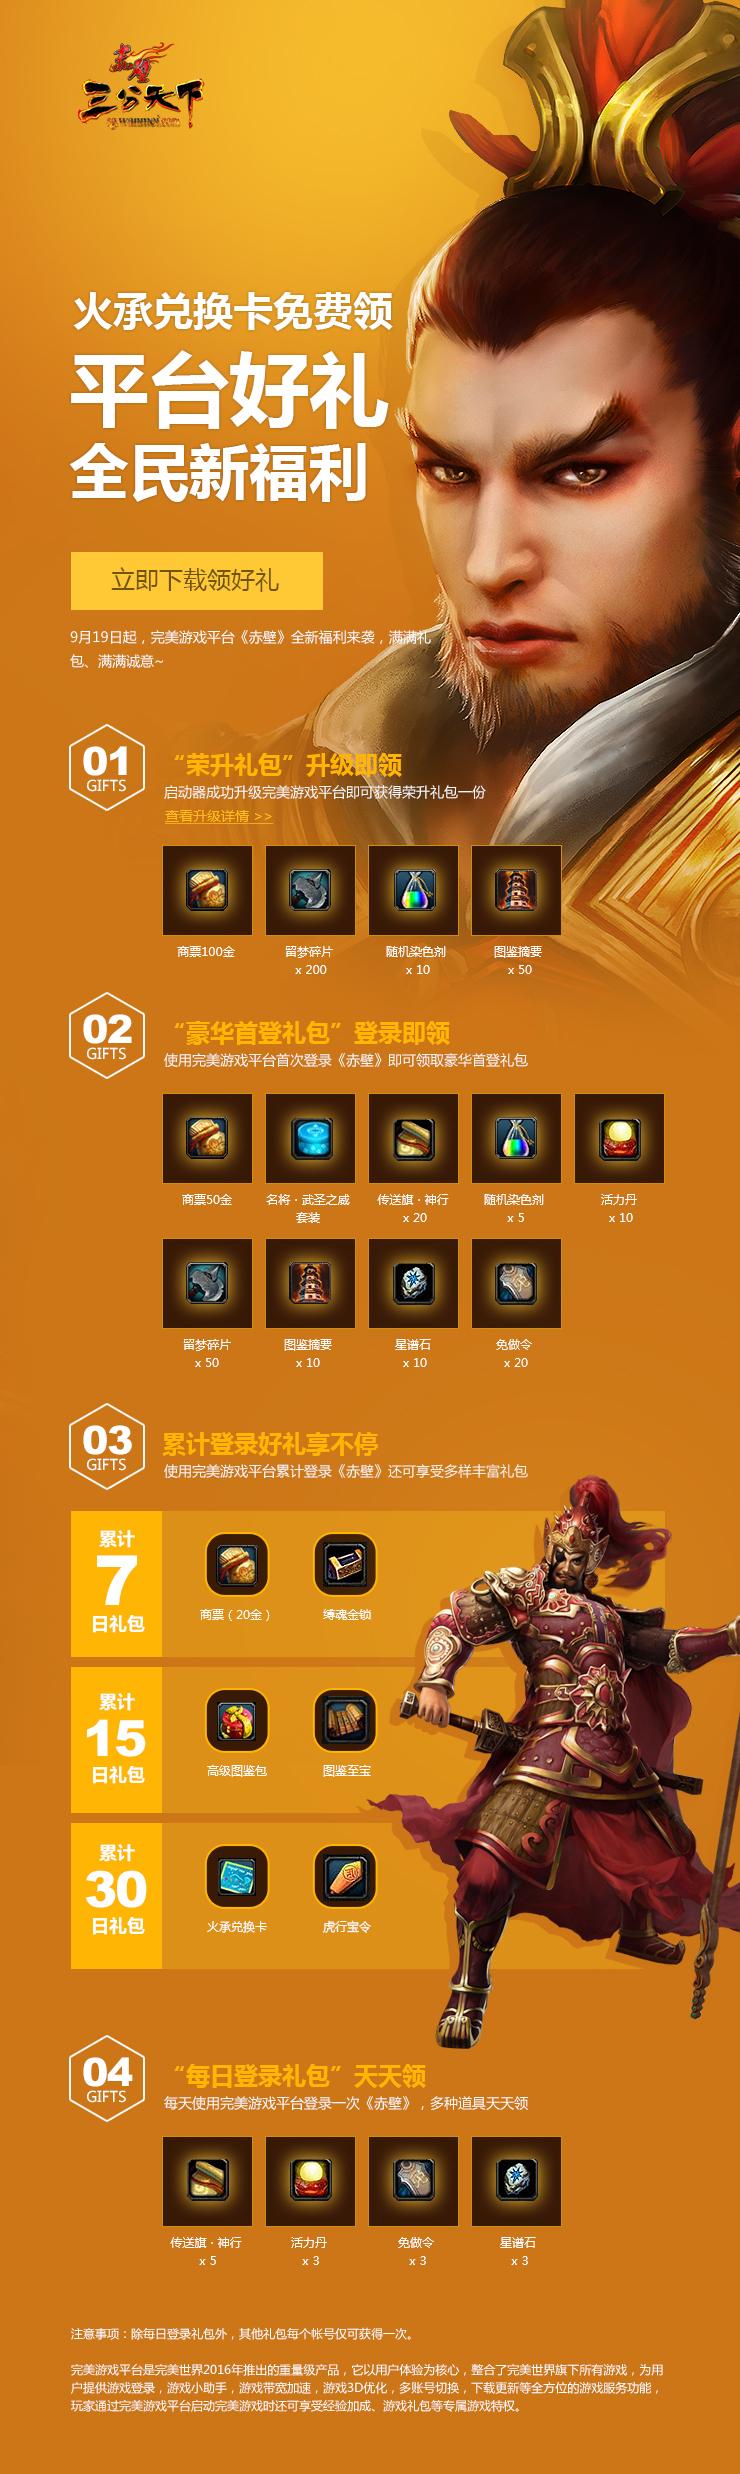 9月19日起,完美游戏平台《赤壁》全新福利来袭!